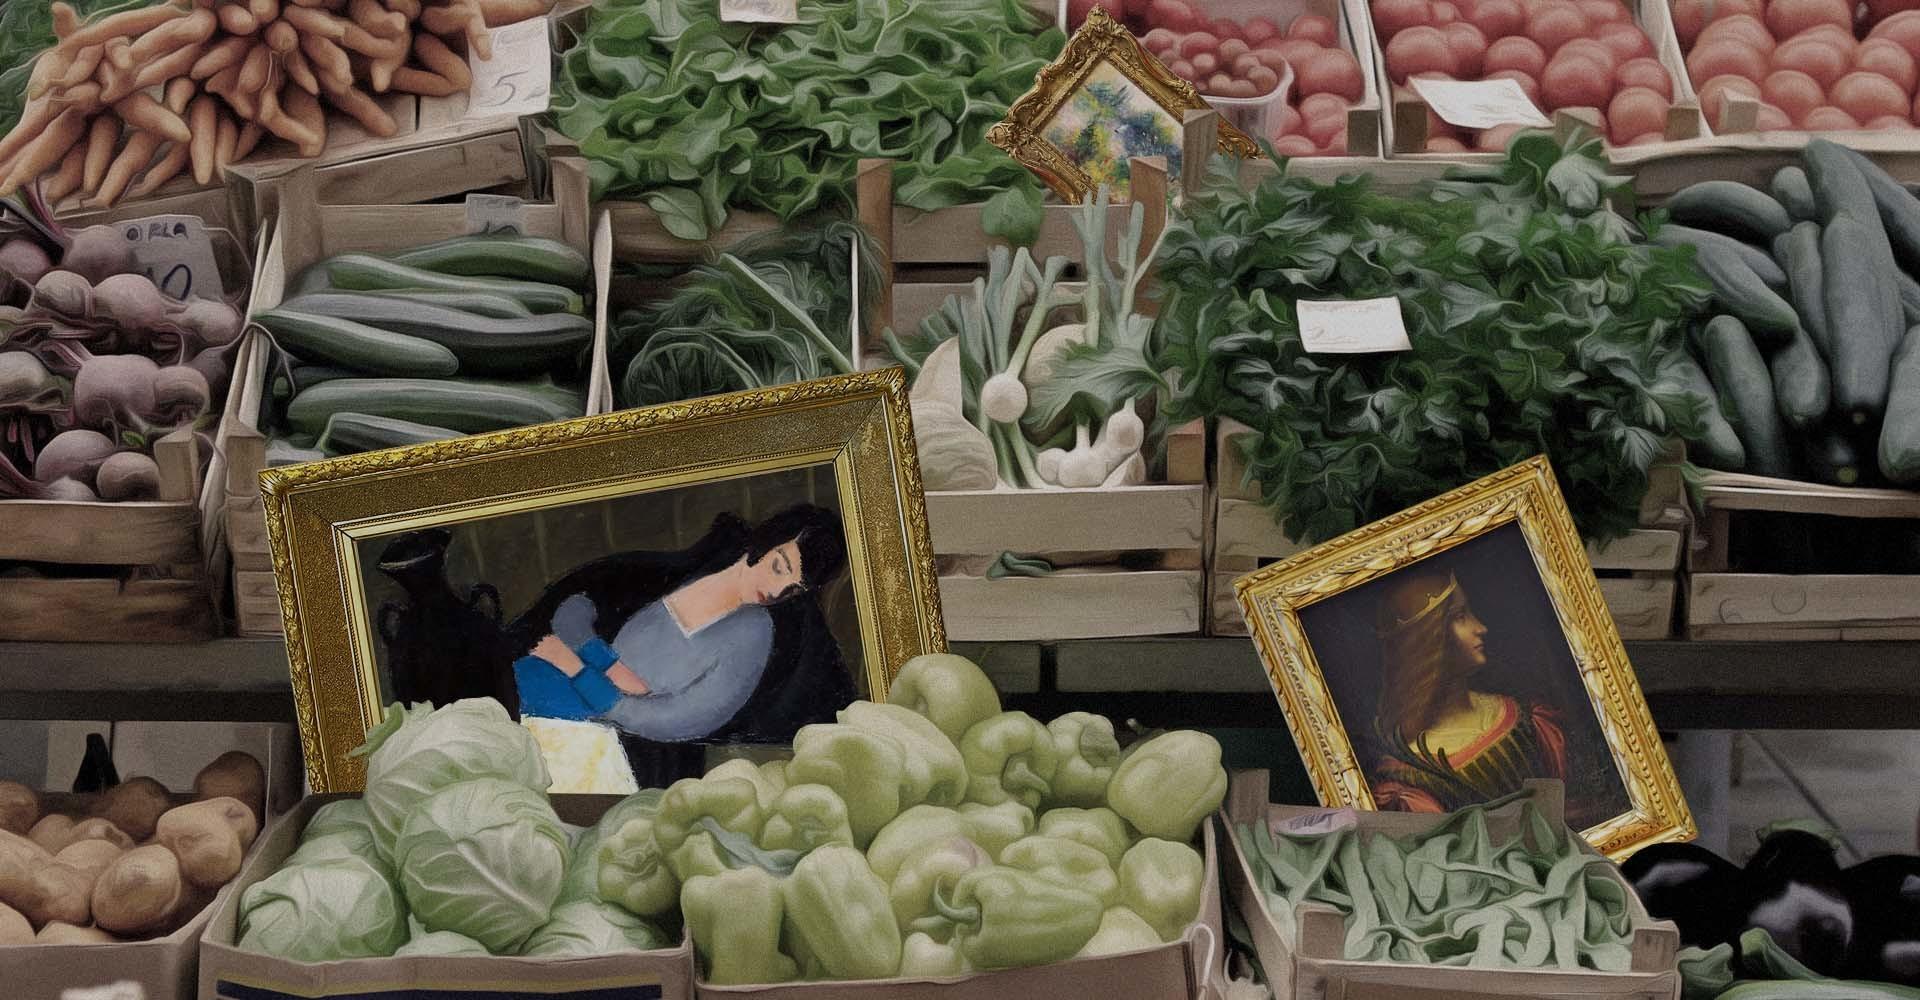 Шедевральний пошук: як видатні картини знаходили на ринках, горищах і в автобусах